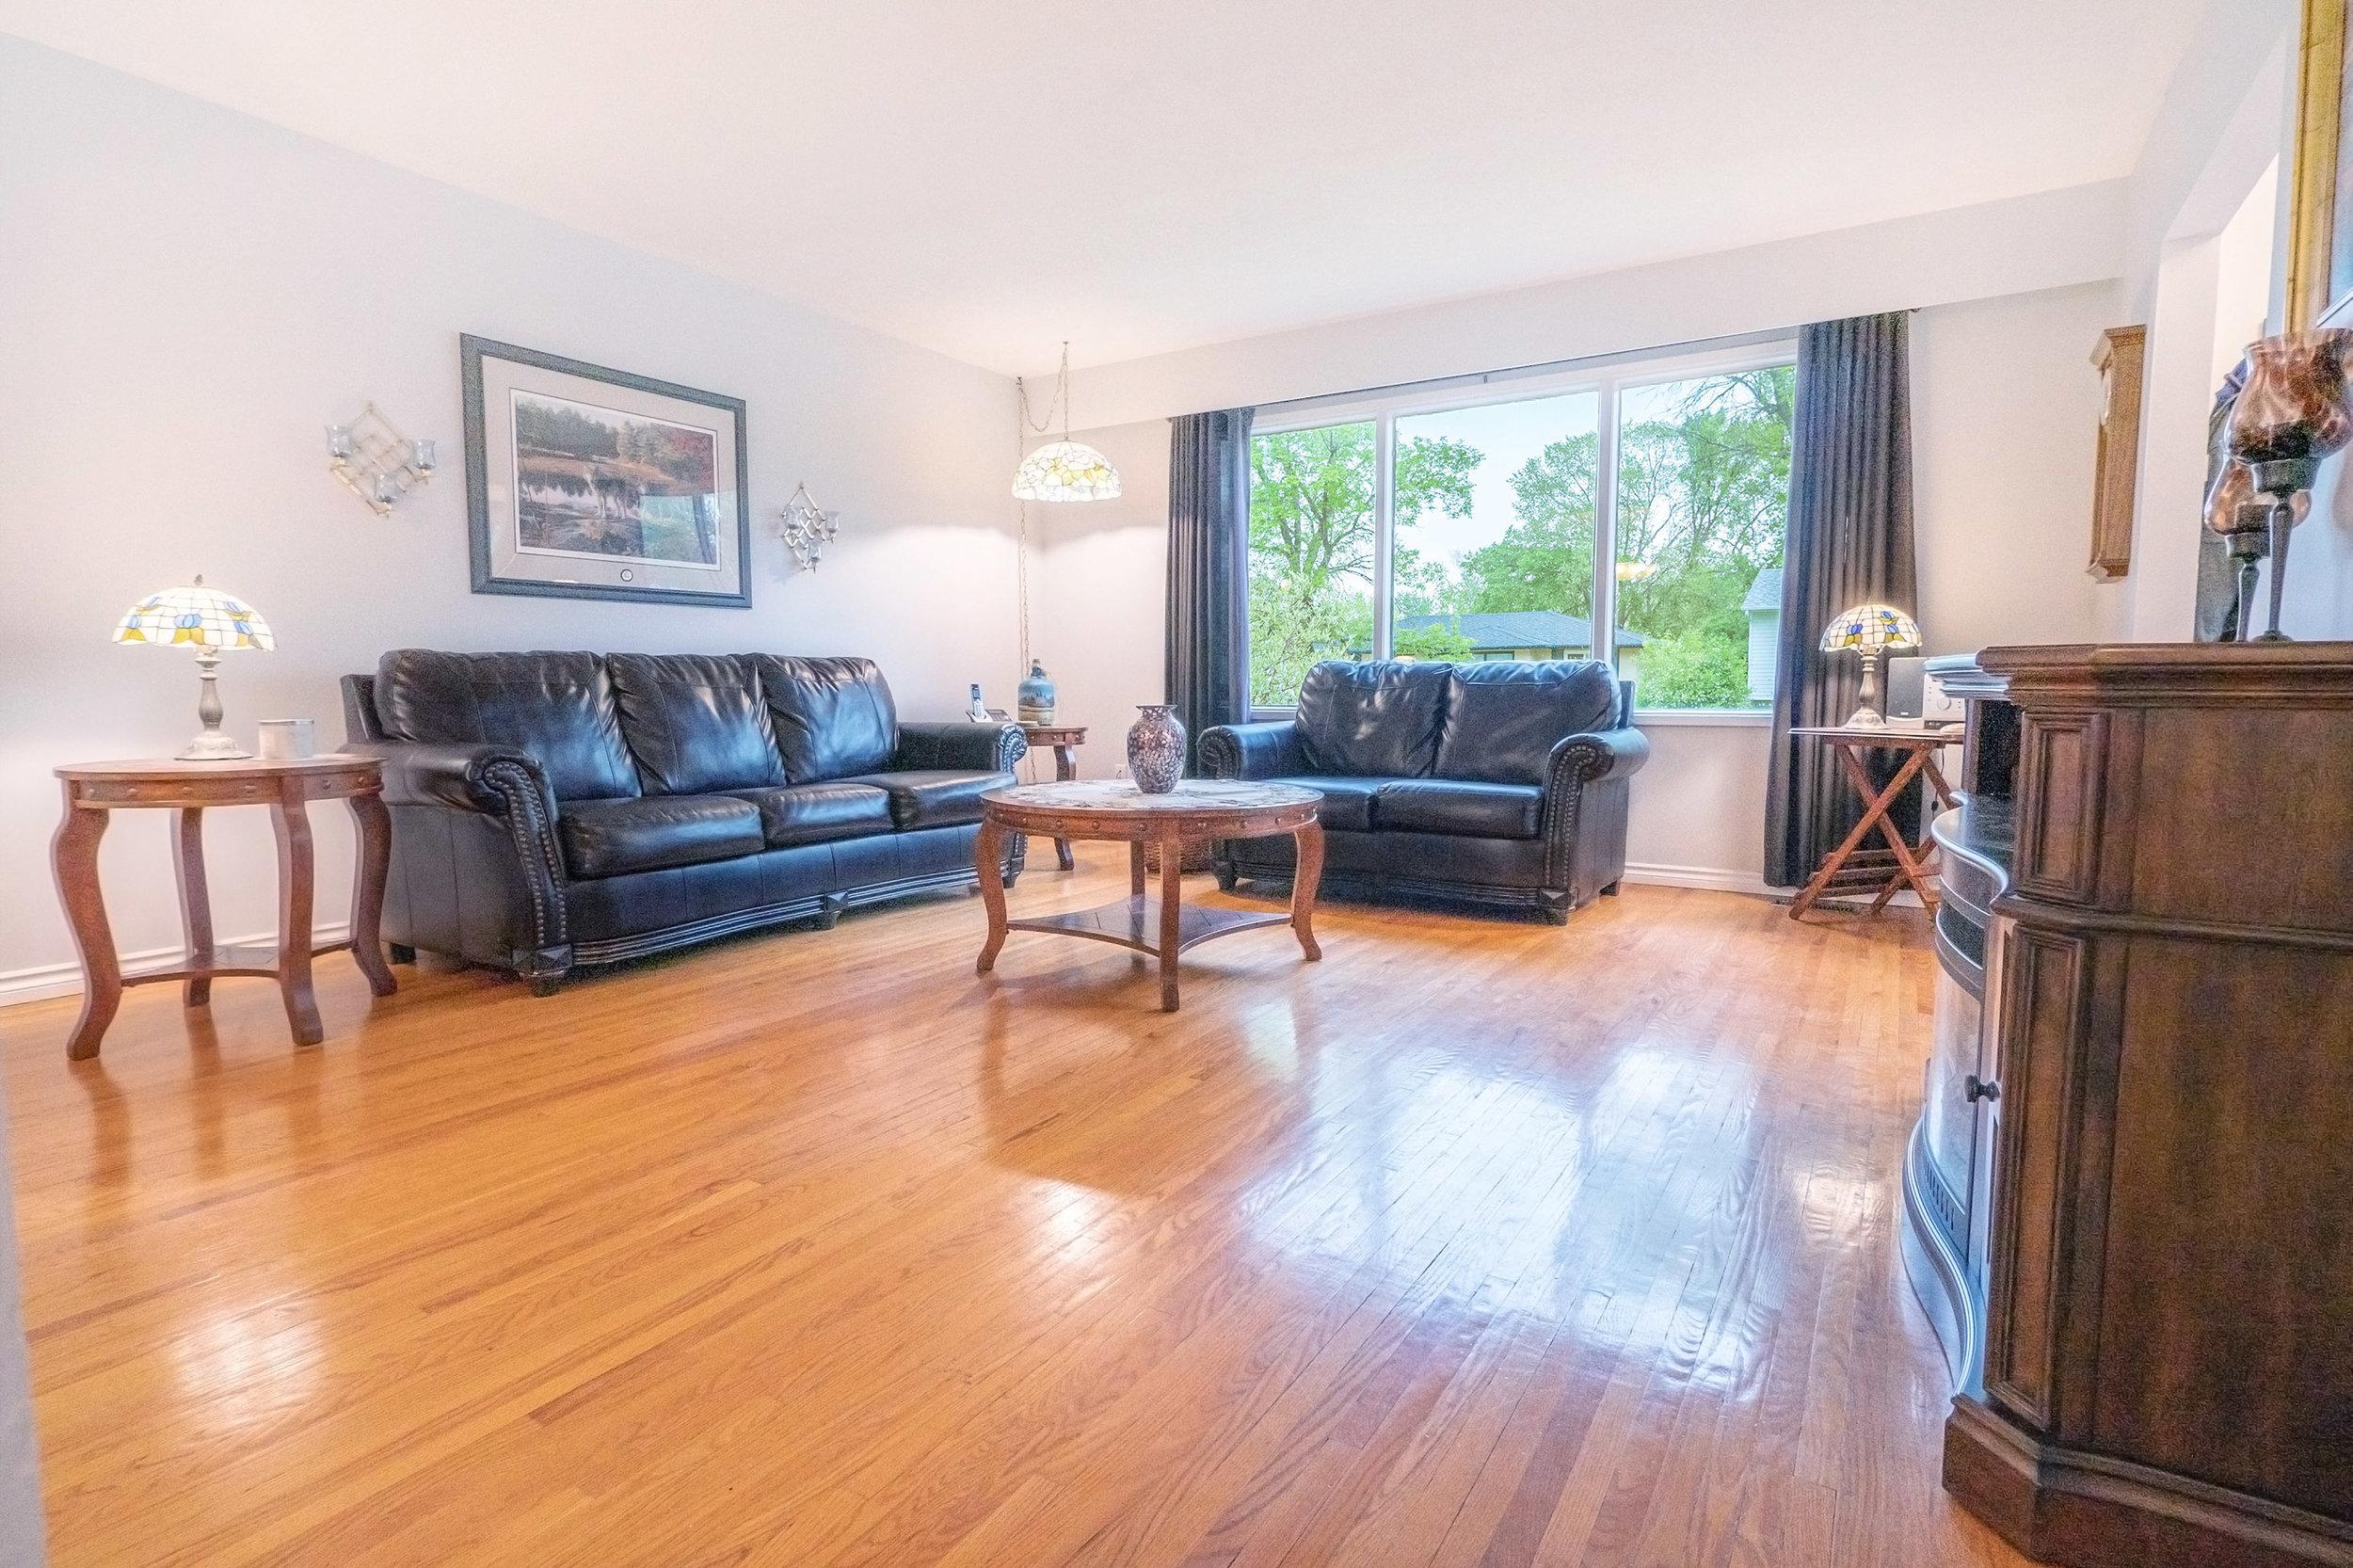 92 Hammond Living Room 2.jpg